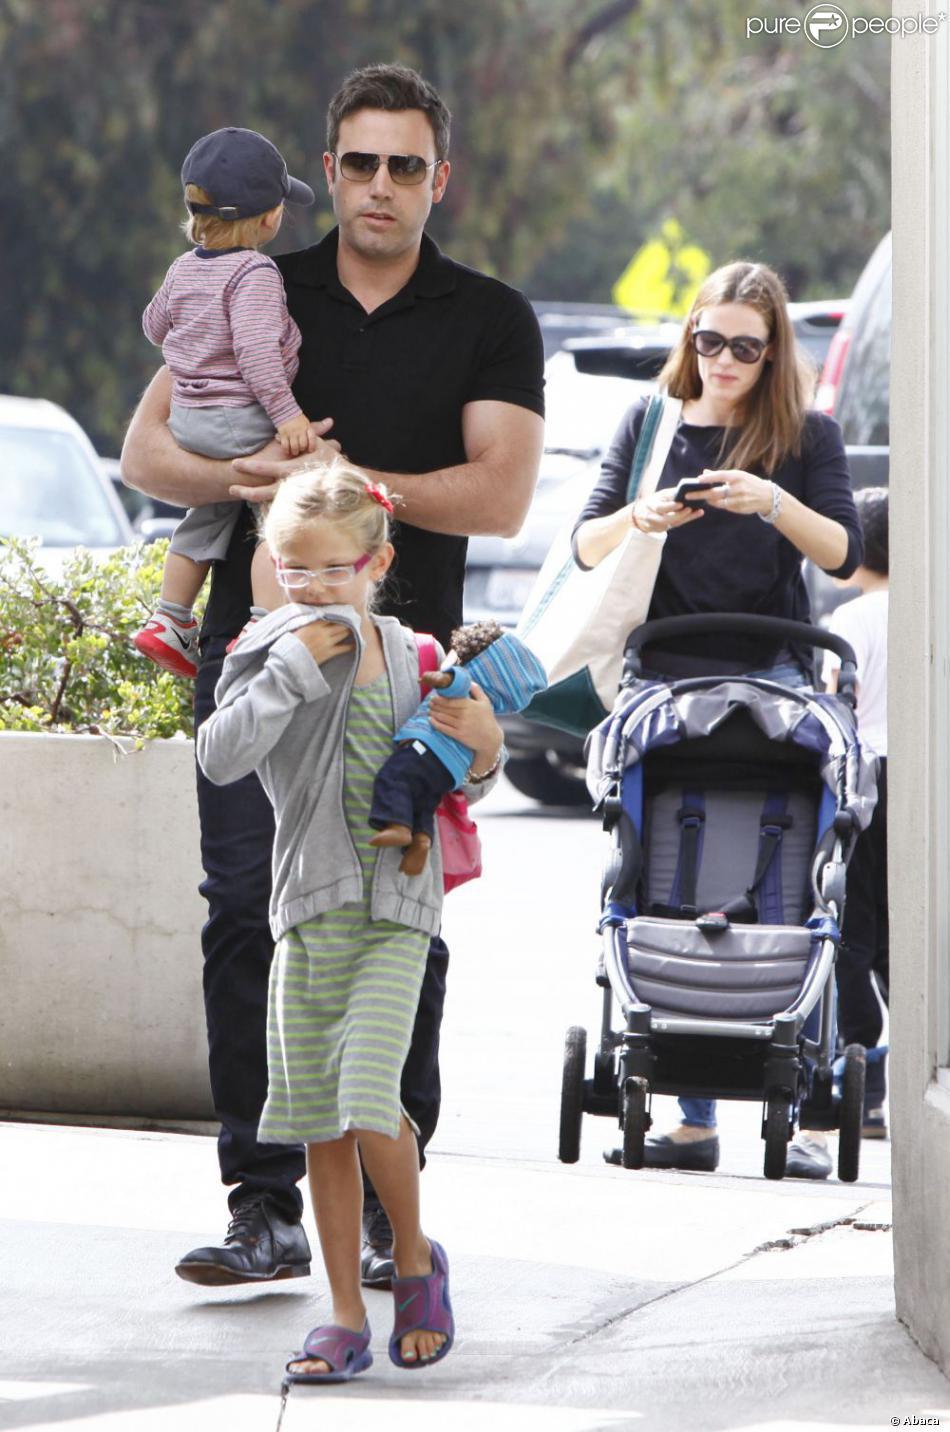 Jennifer Garner est allée faire son marché comme tous les dimanches au Farmers Market en compagnie de son mari Ben Affleck, et de leurs enfants Violet et Samuel, le 11 août 2013 à Pacific Palisades - Mais où était donc Seraphina ?